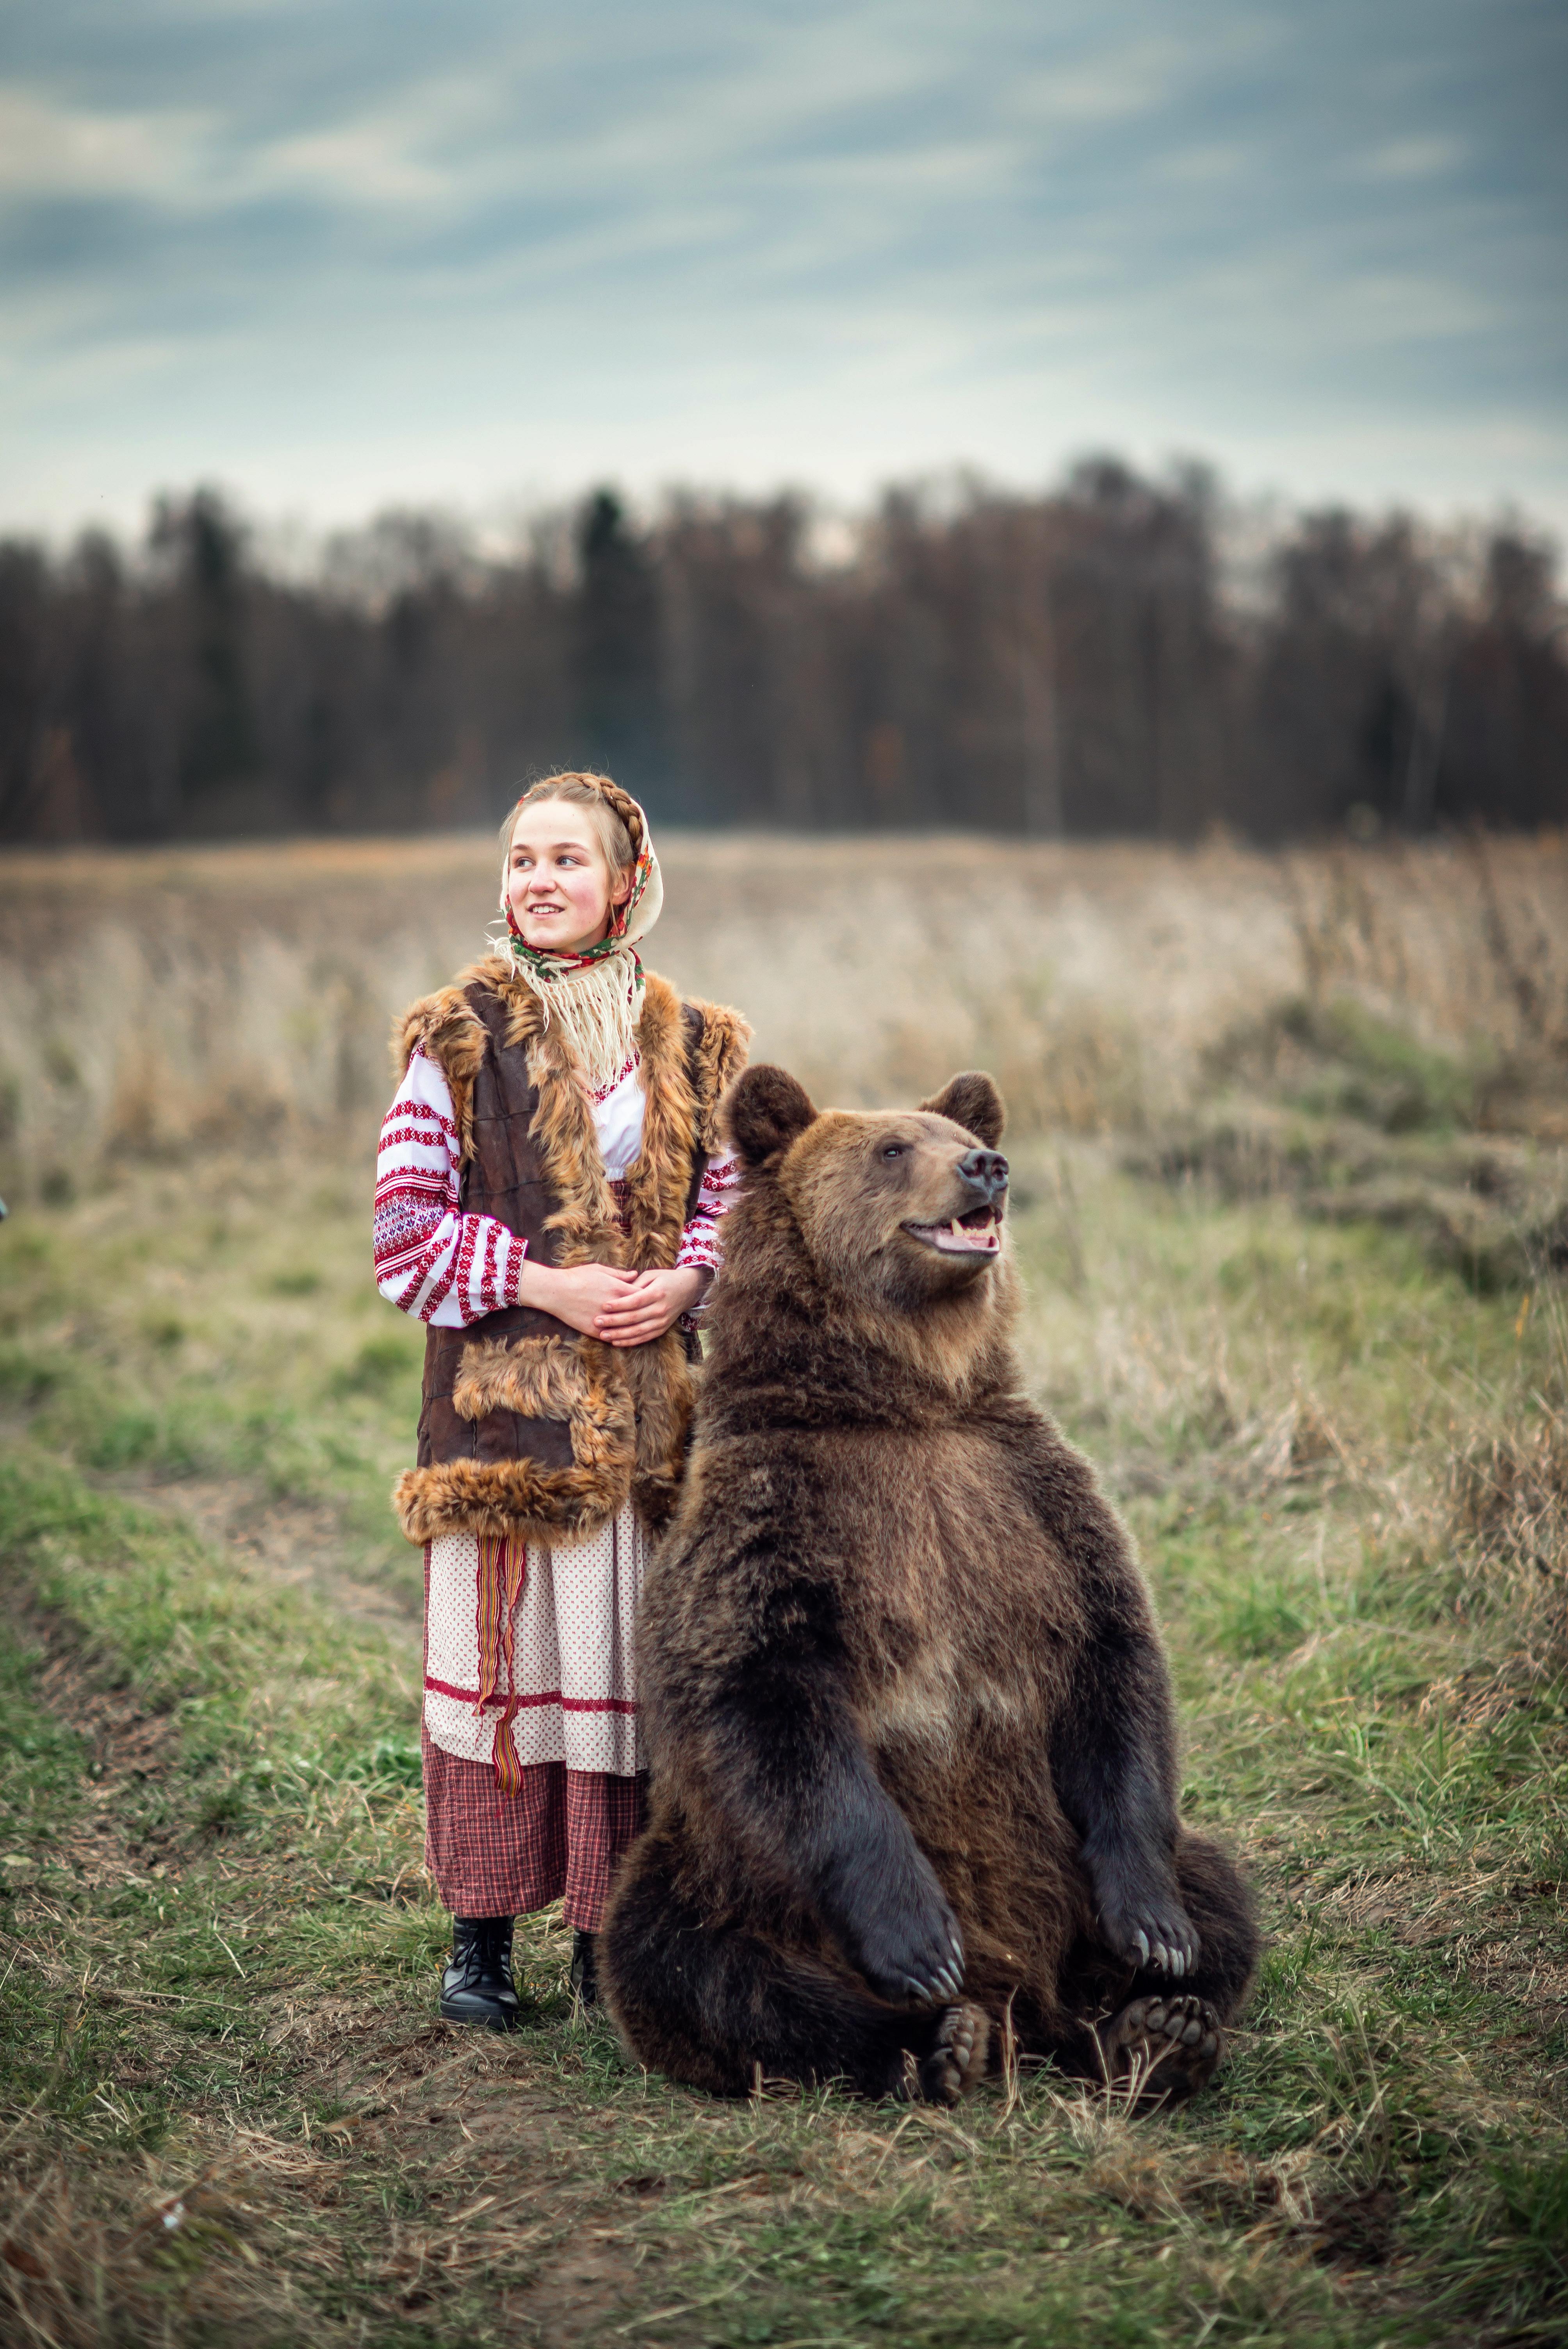 Девочка в национальном русском платье в поле с медведем